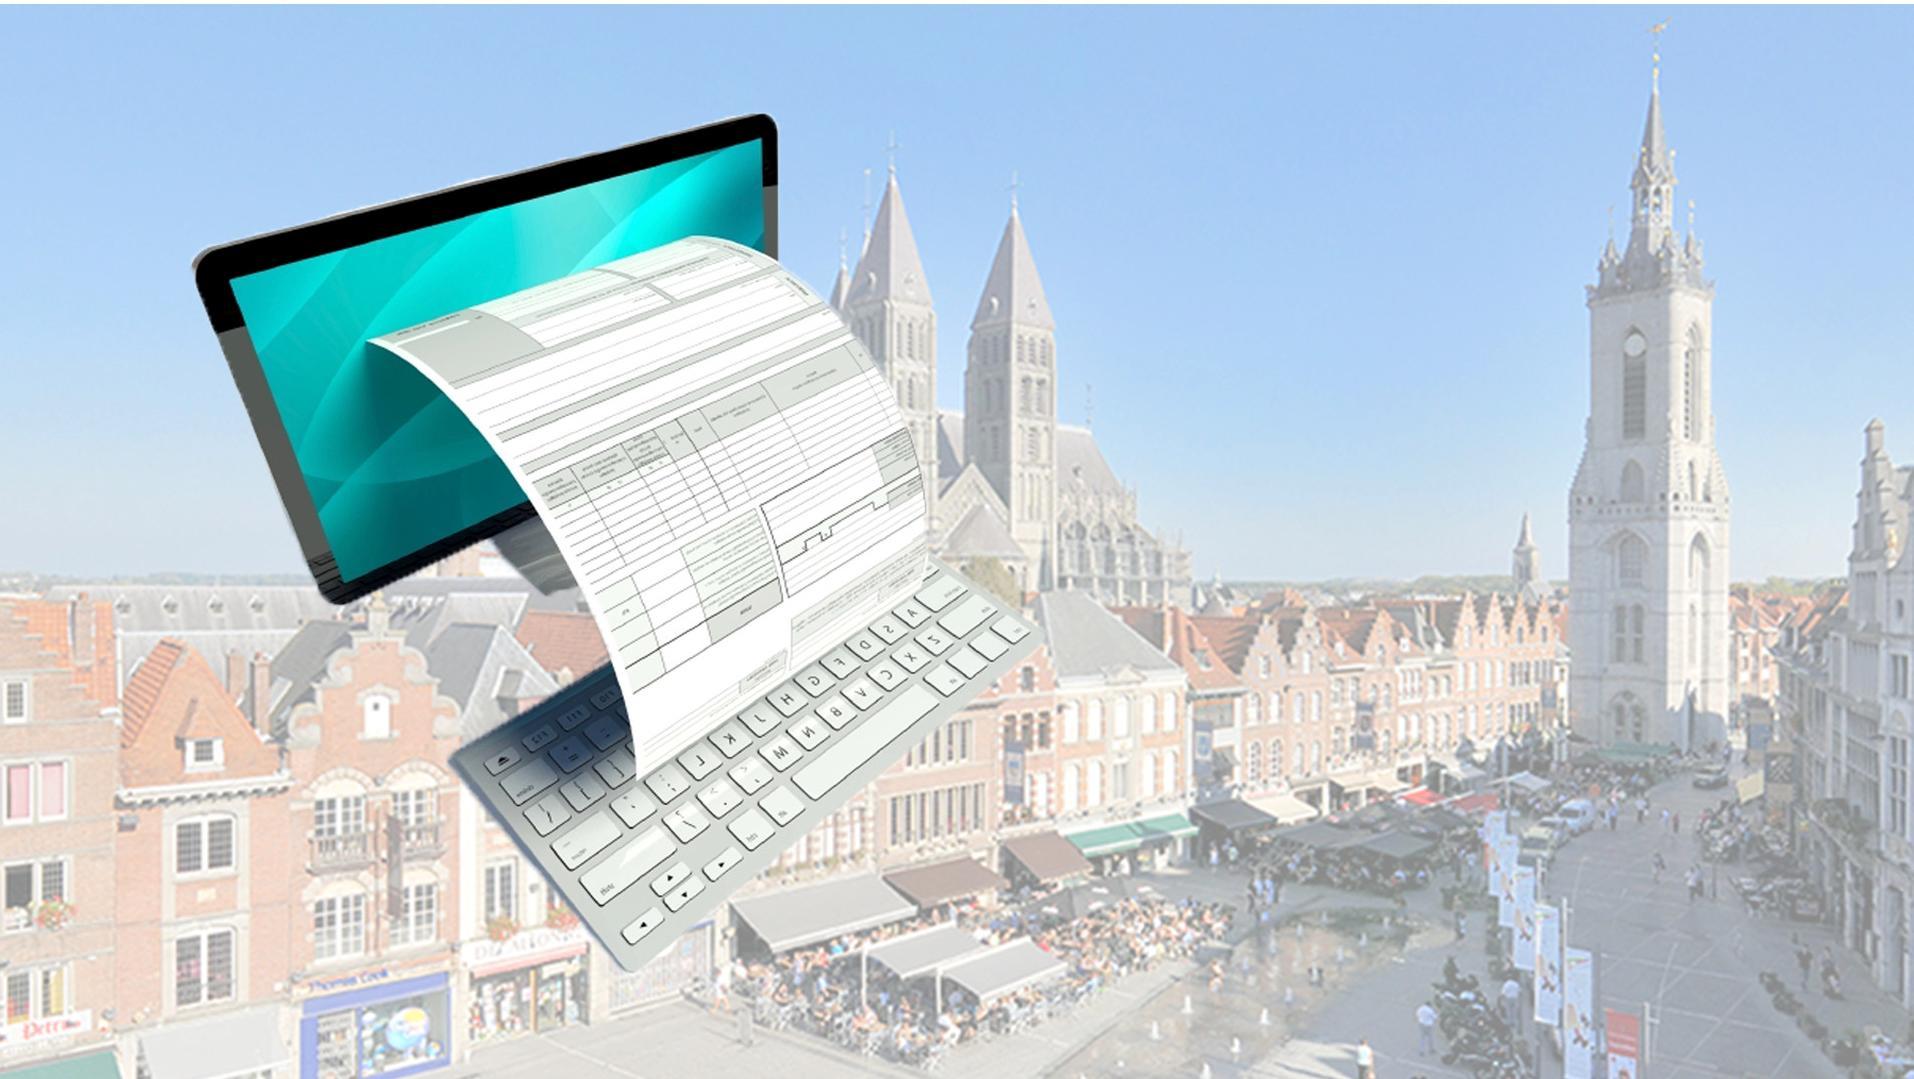 Le eGuichet de la ville de Tournai fait peau neuve